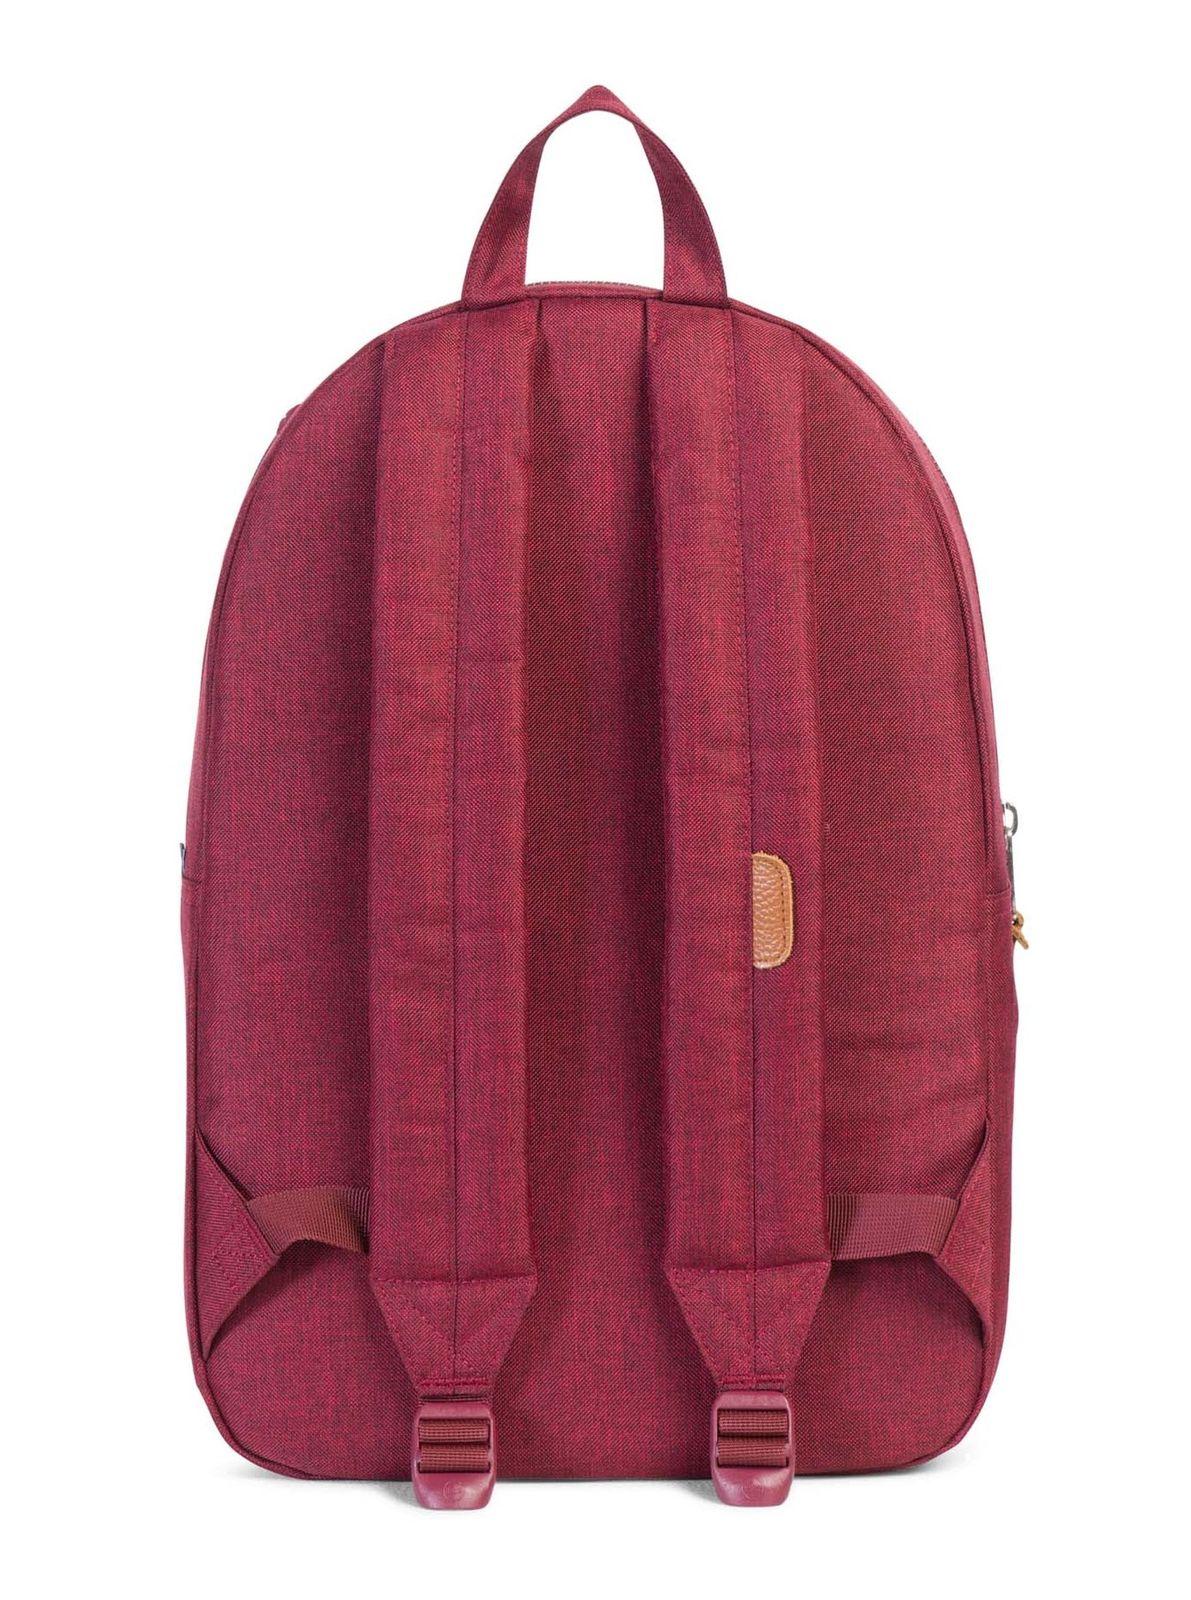 herschel backpack freizeitrucksack schulrucksack laptoptasche tasche rot ebay. Black Bedroom Furniture Sets. Home Design Ideas